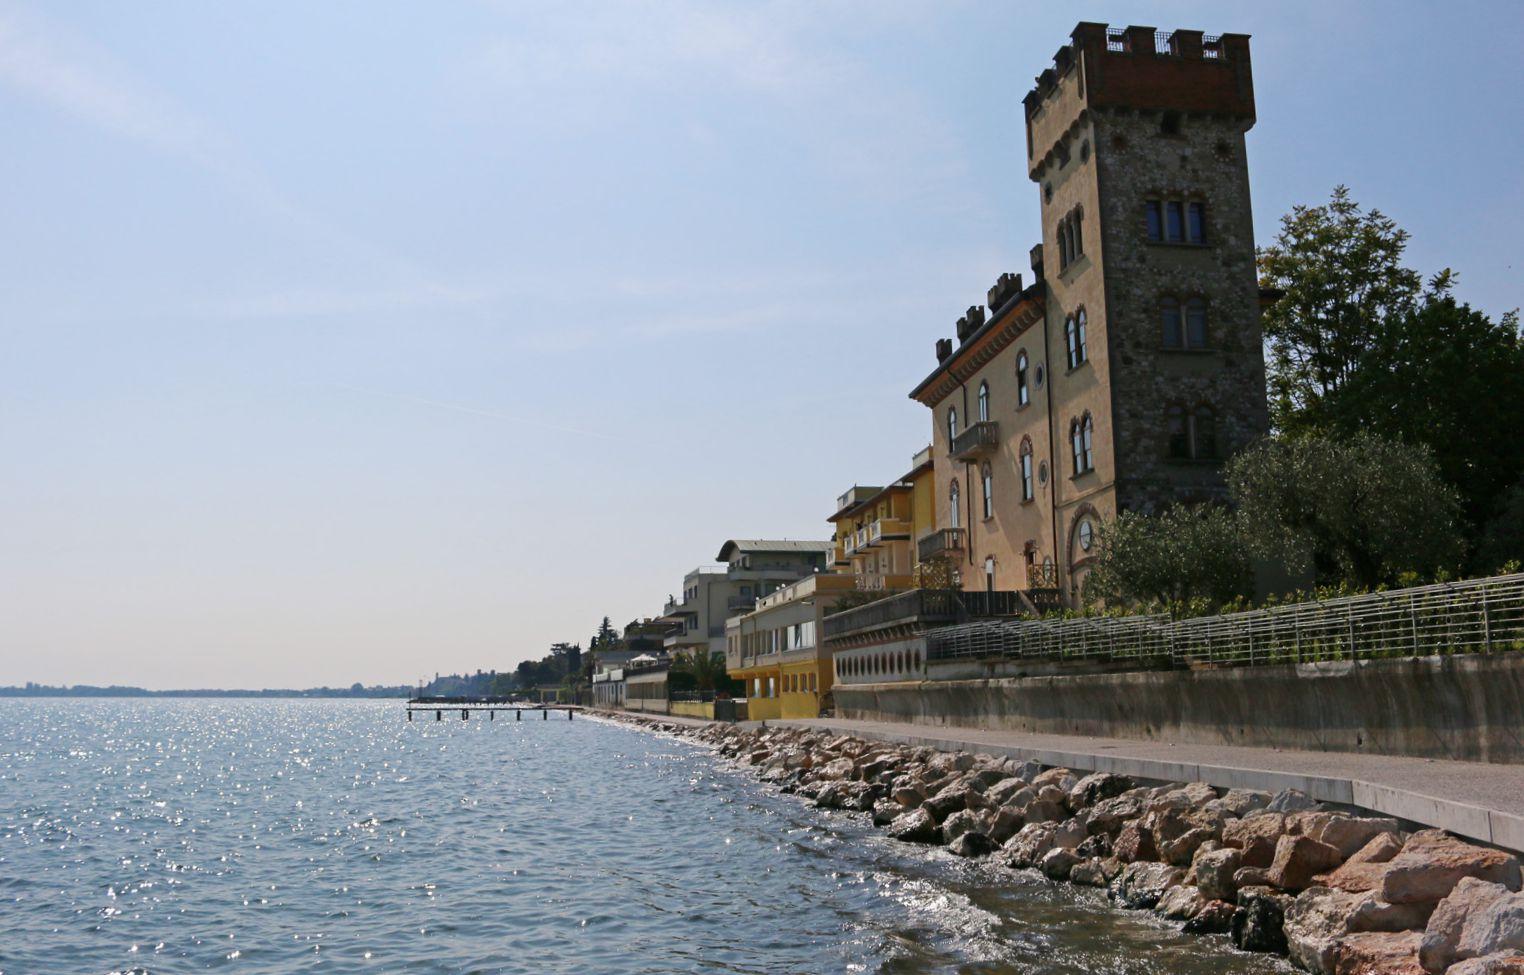 Passeggiata a lago Desenzano